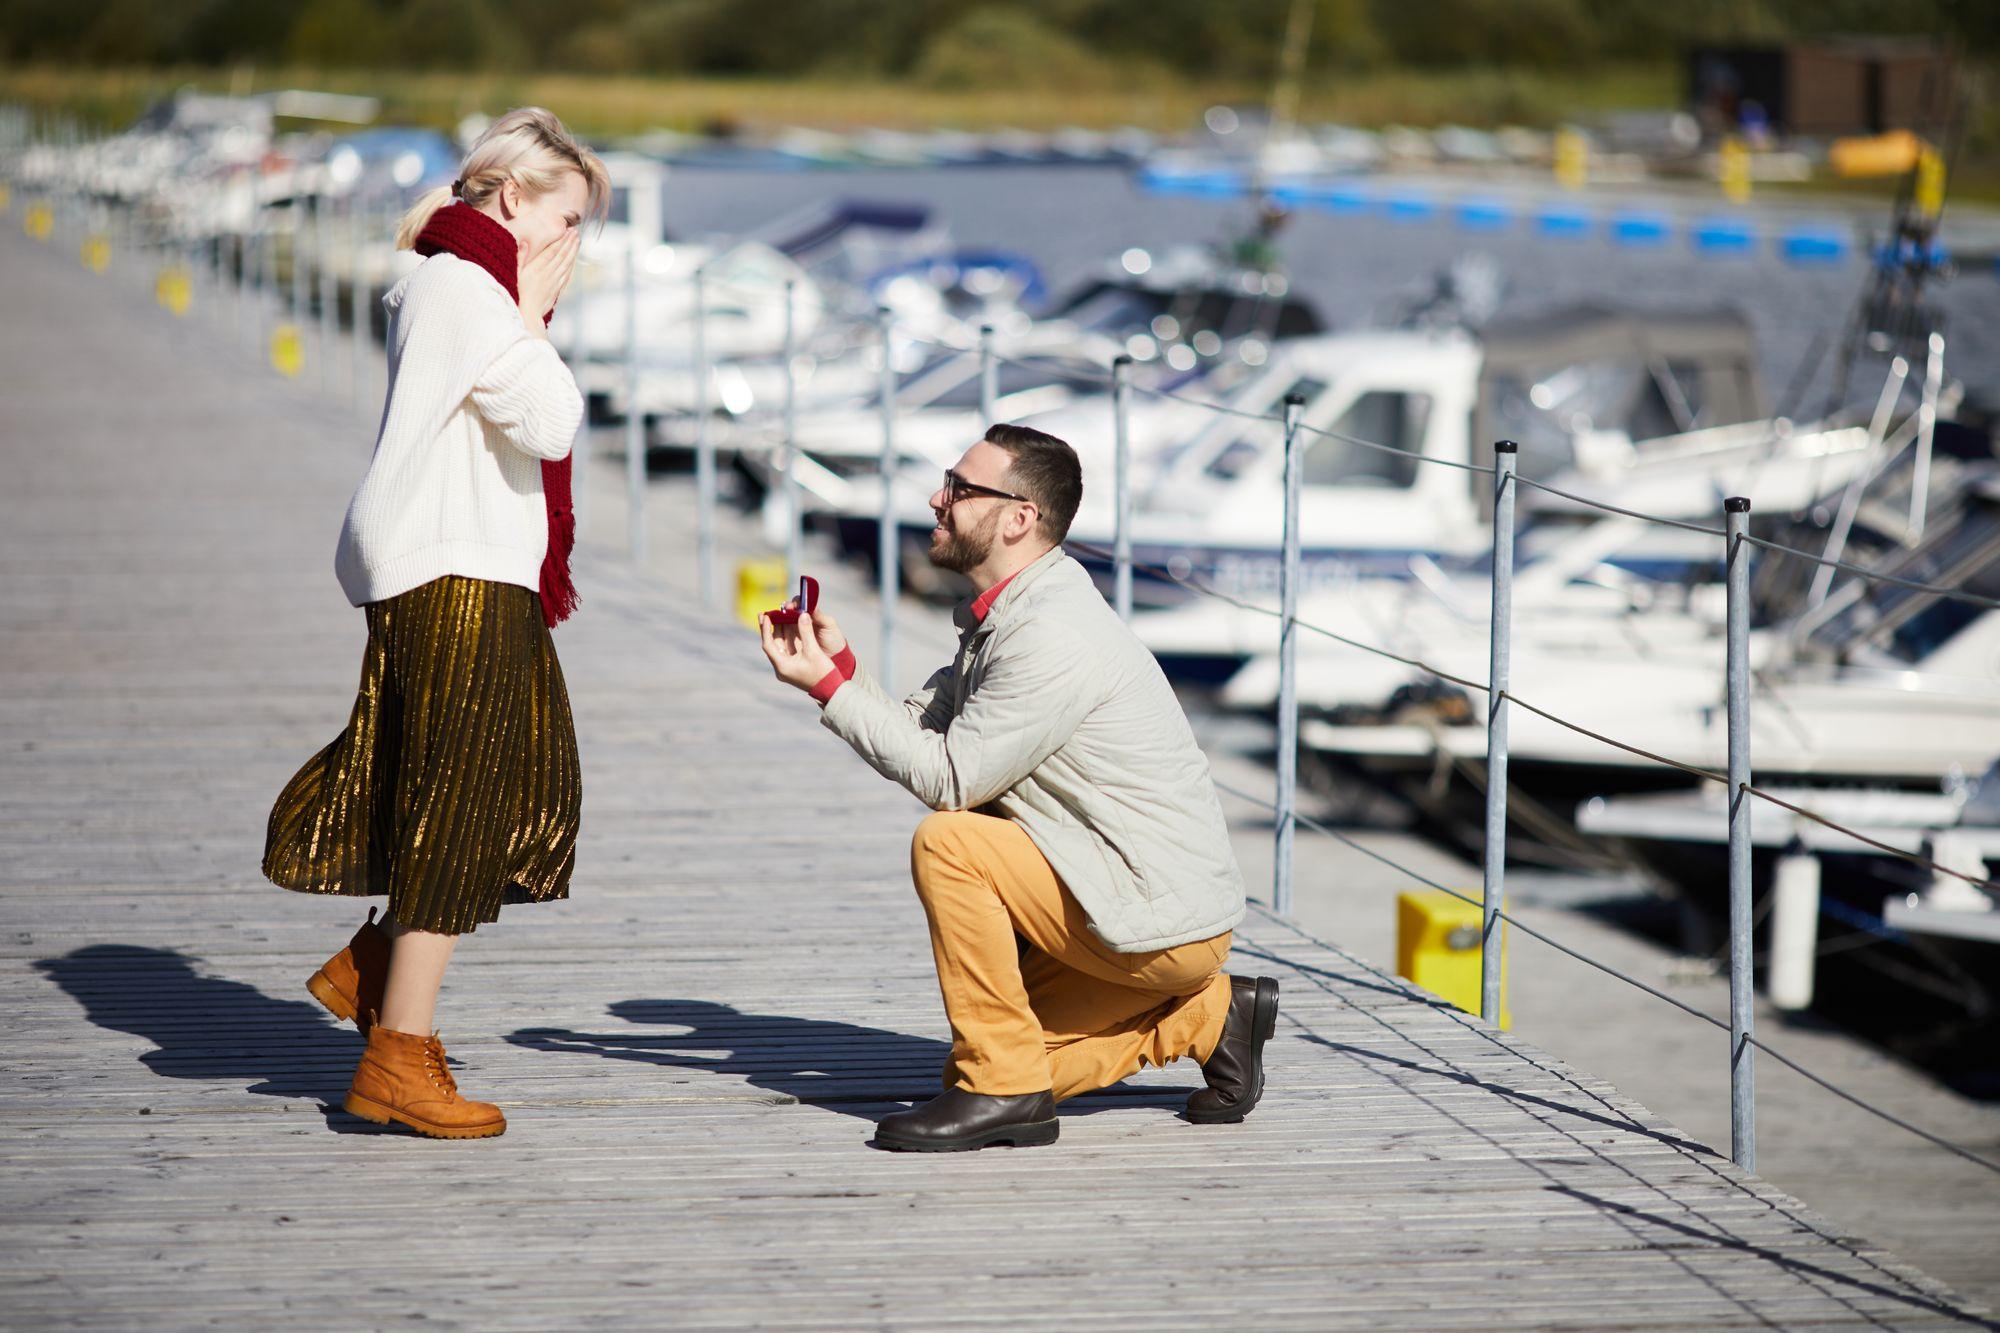 Mann macht einer Frau einen Heiratsantrag